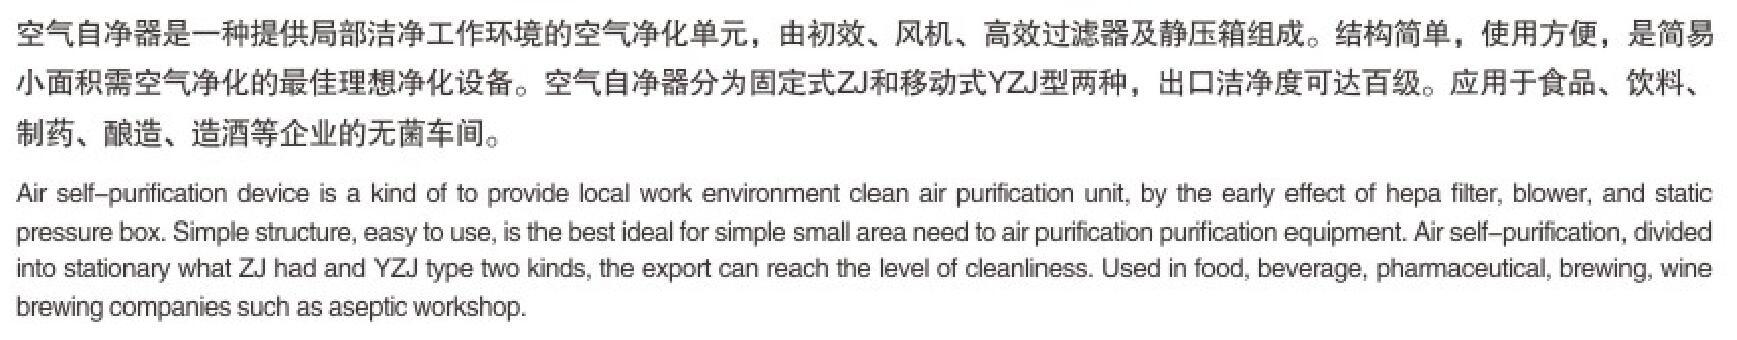 移动式空气自净器